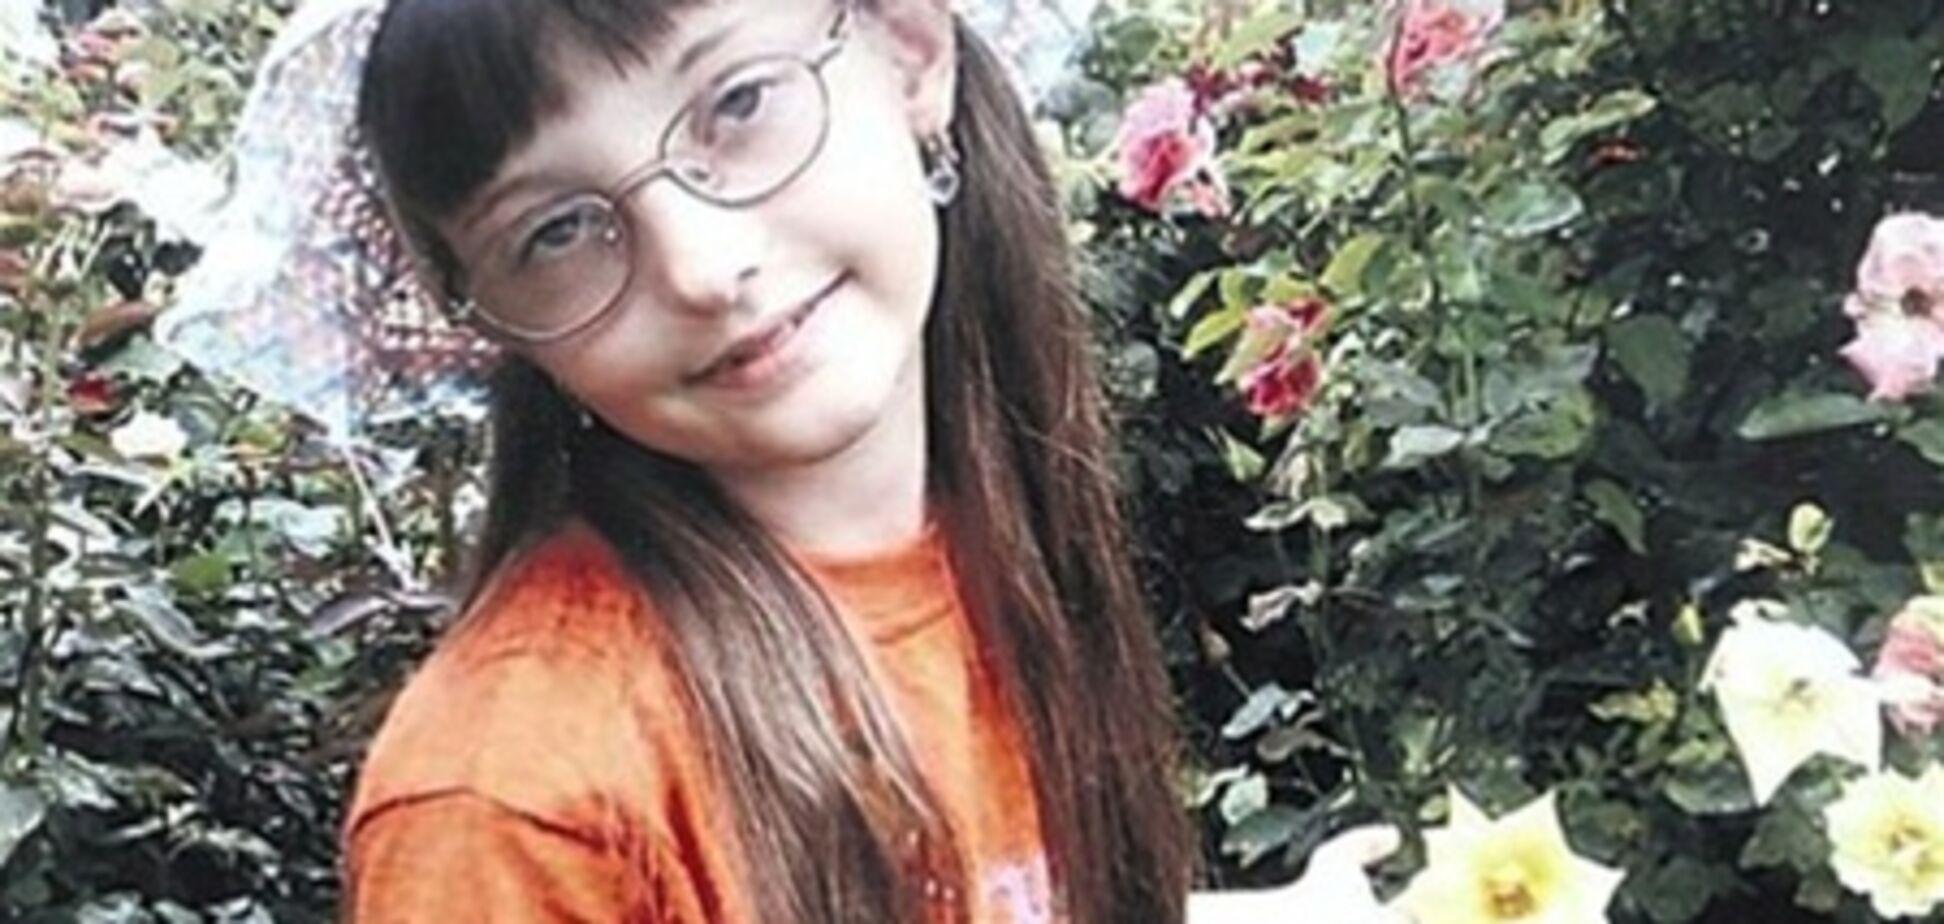 Под Киевом сектанты довели девочку до самоубийства. Фото